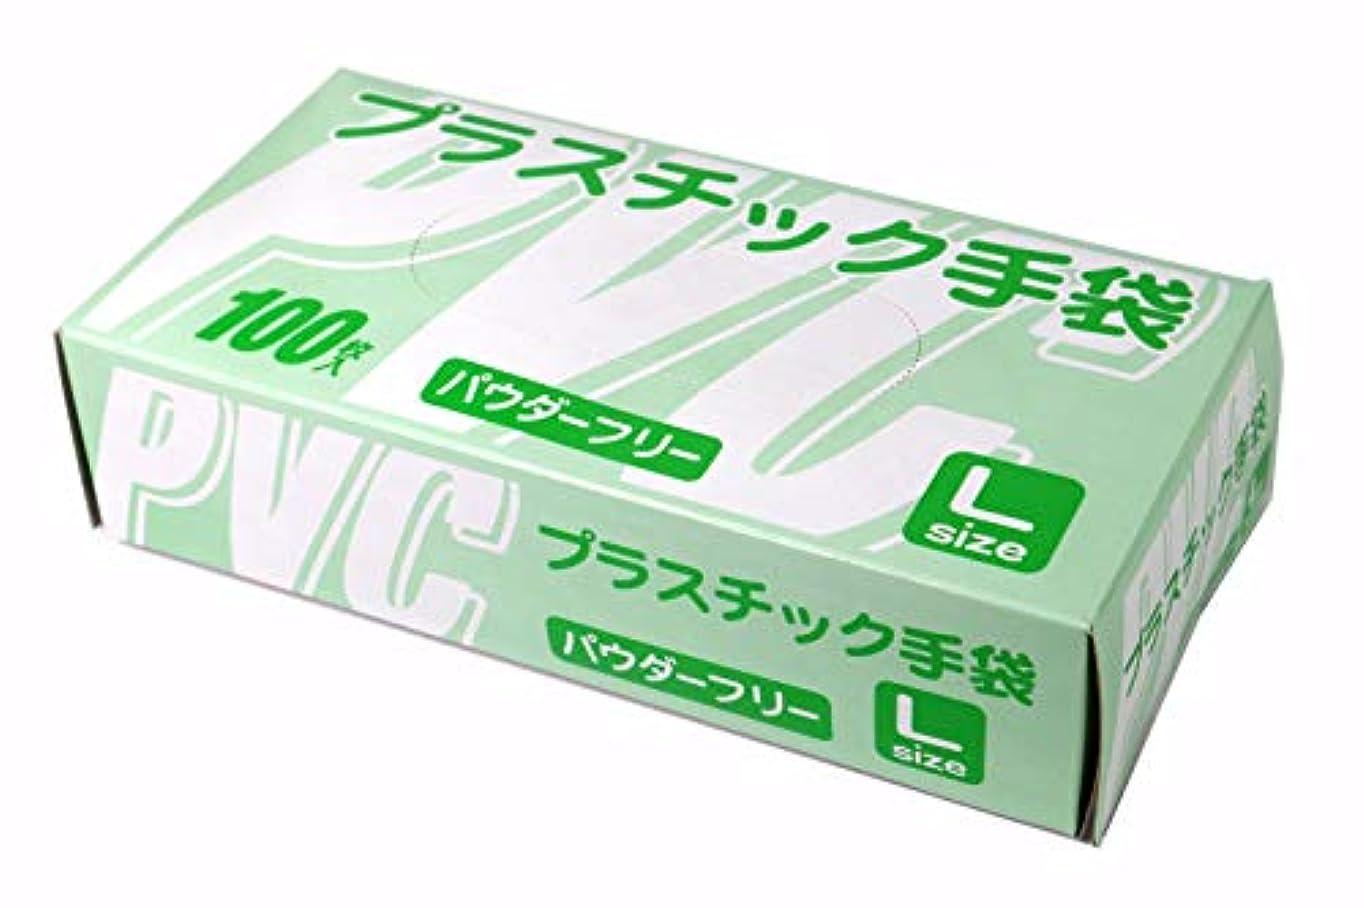 規定請求感覚使い捨て手袋 プラスチックグローブ 粉なし(パウダーフリー) Lサイズ 100枚入 超薄手 食品加工可 破れにくい 100431